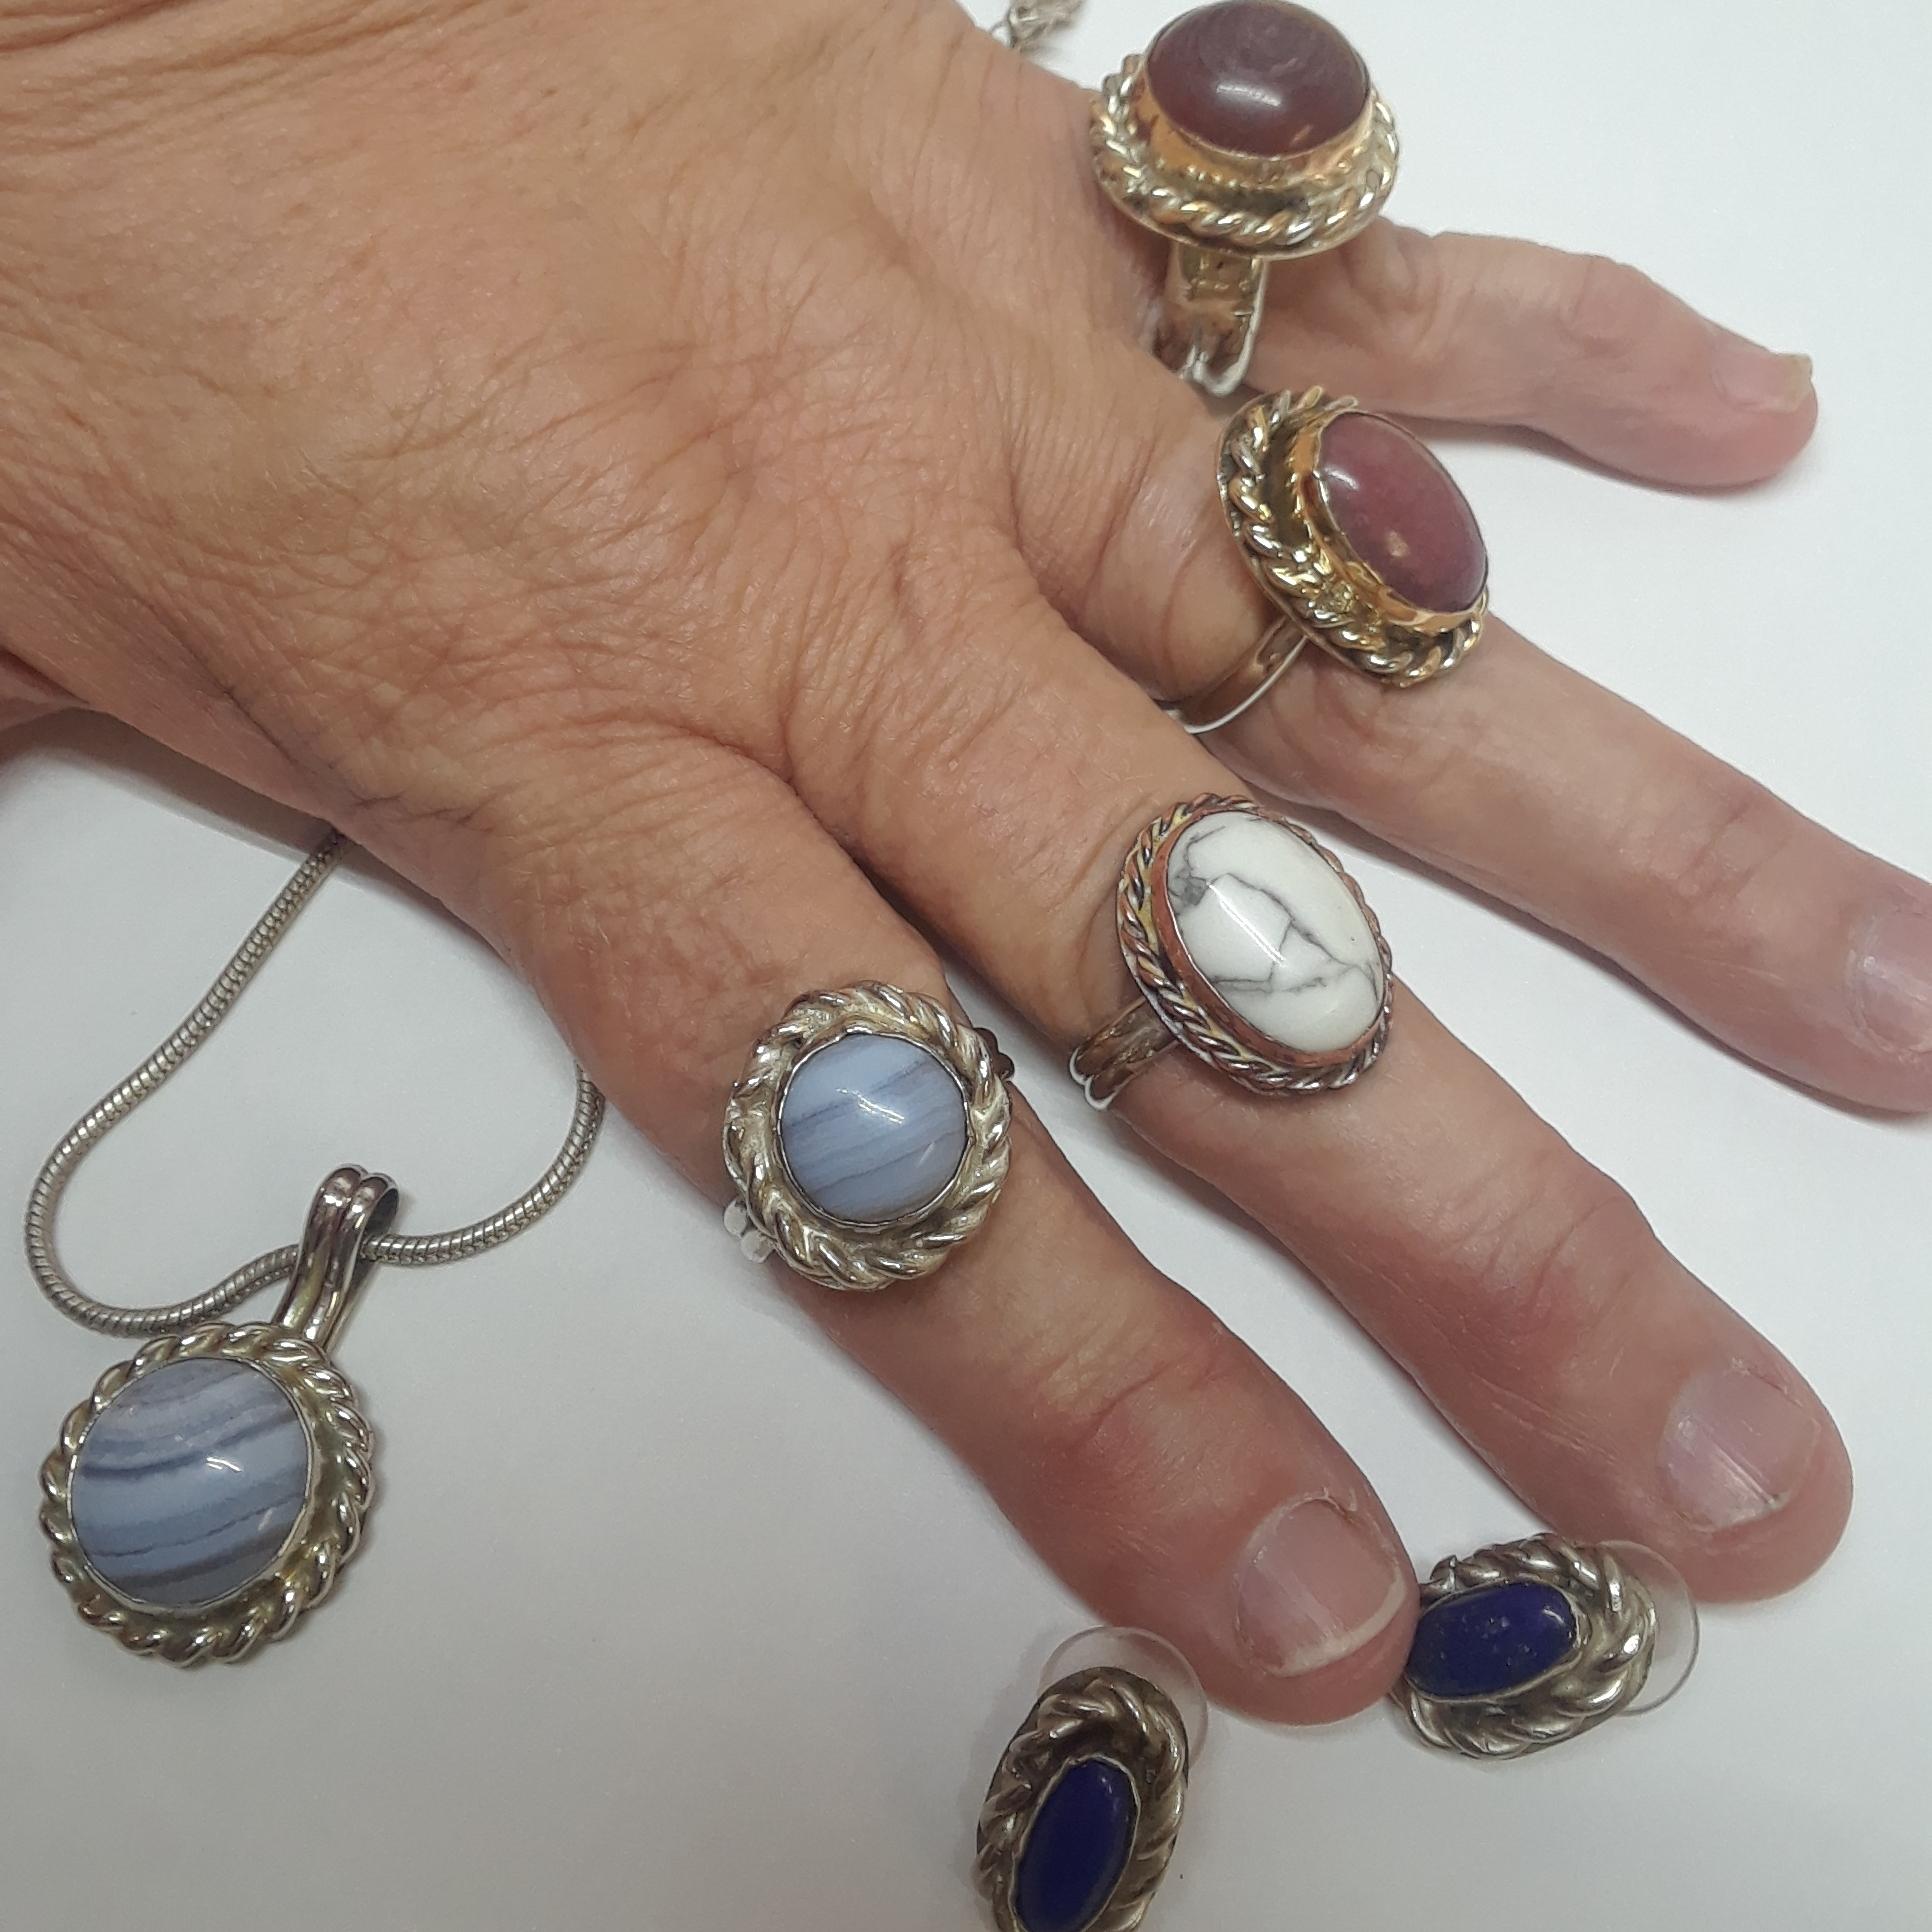 Rings, Pendant, and Earrings